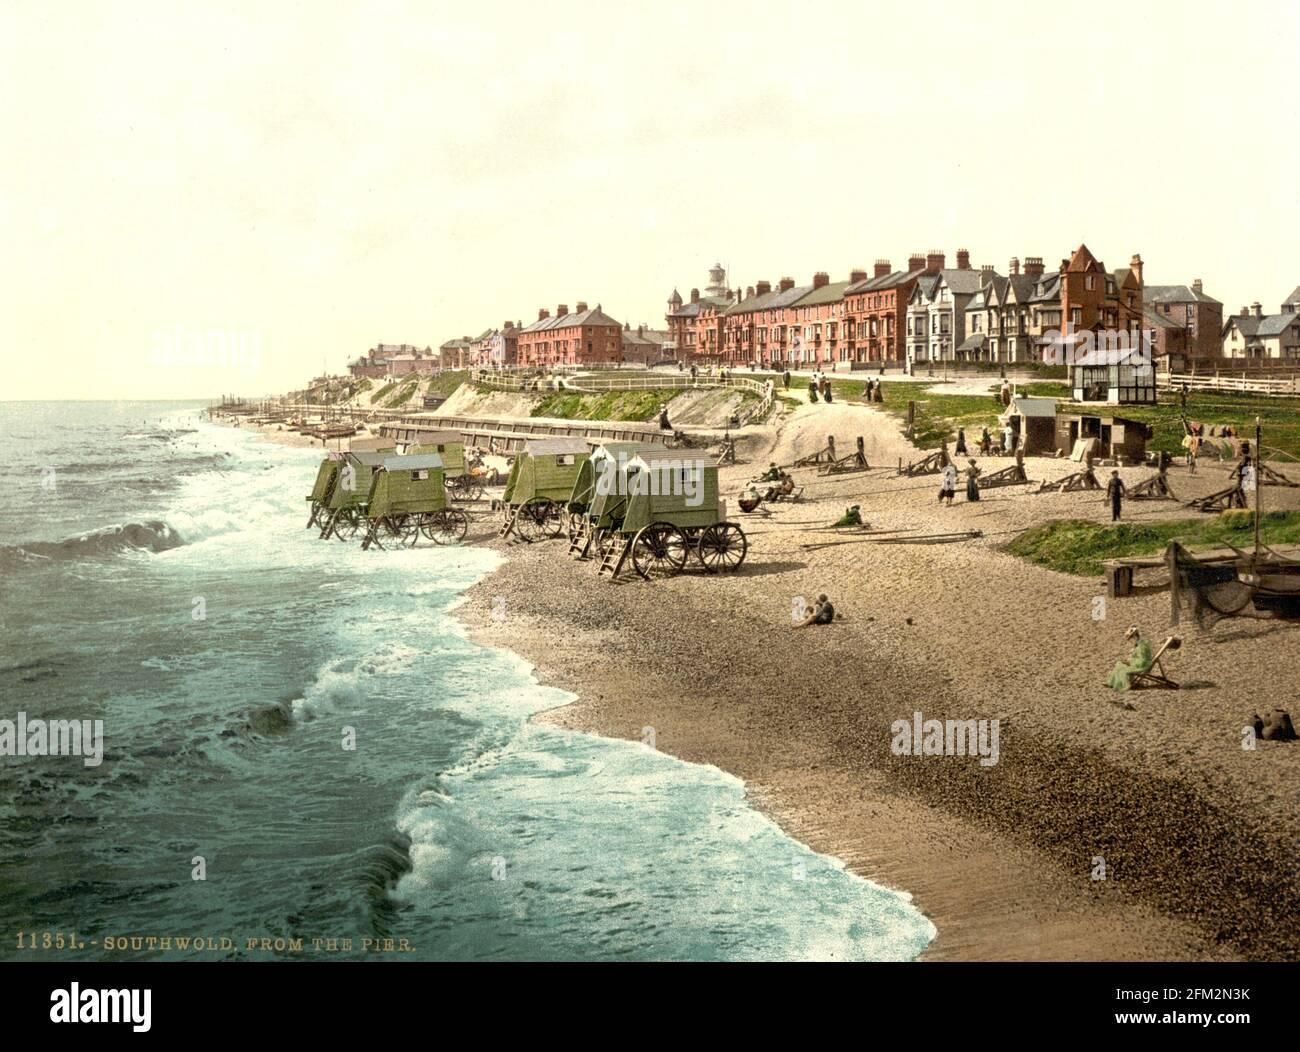 Front de mer de Southwold, Suffolk, vers 1890-1900 Banque D'Images